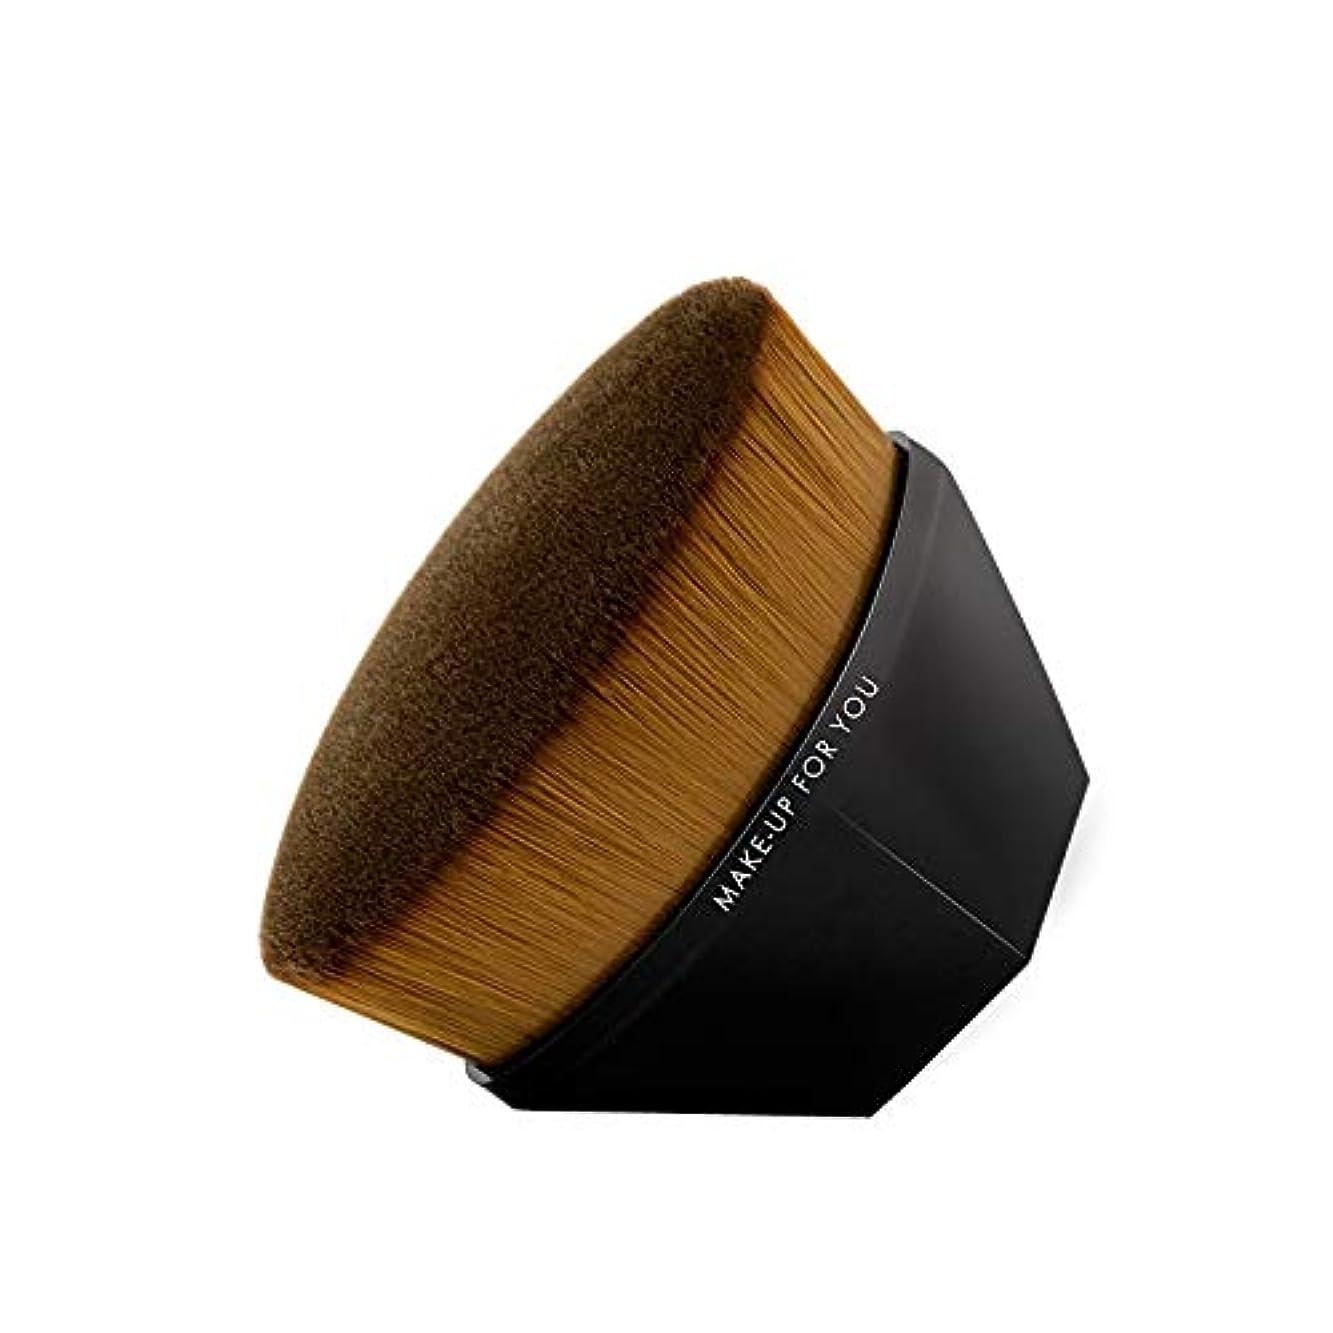 留め金側溝たまに魔法のシームレスな多目的ファンデーション化粧ブラシ激安 人気メイクブラシ 15本セット 化粧筆 化粧ブラシ 馬毛をふんだんに使用 高級タクロン 乾きが速い 超柔らかい 高品質PUレザー化粧ポーチ付き 携帯便利 メイクブラシ セット 上品 化粧筆 高級繊維 可愛いポーチ付き パウダーもリキッドも対応出来ます 説明書付き